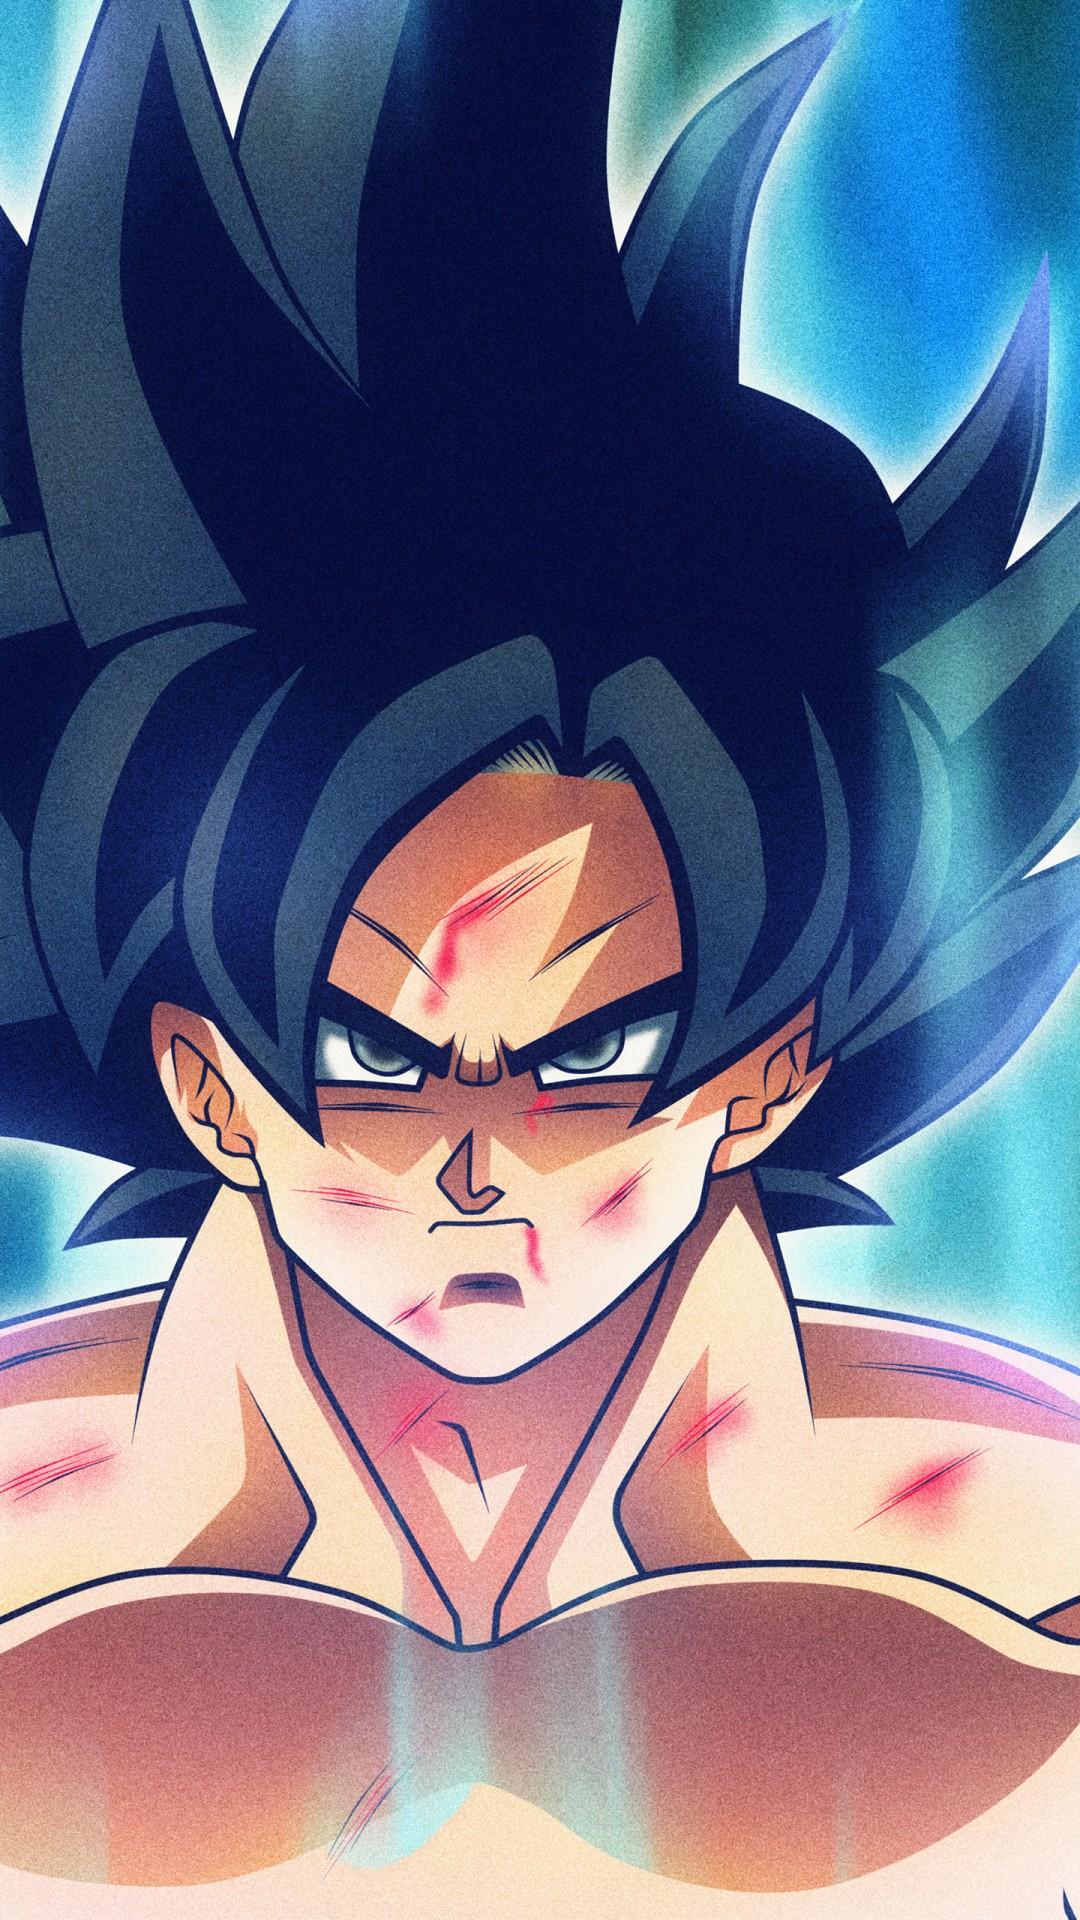 Ultra Hd Wallpapers 8k Girl Limit Breaker Goku 5k Wallpapers Hd Wallpapers Id 25473